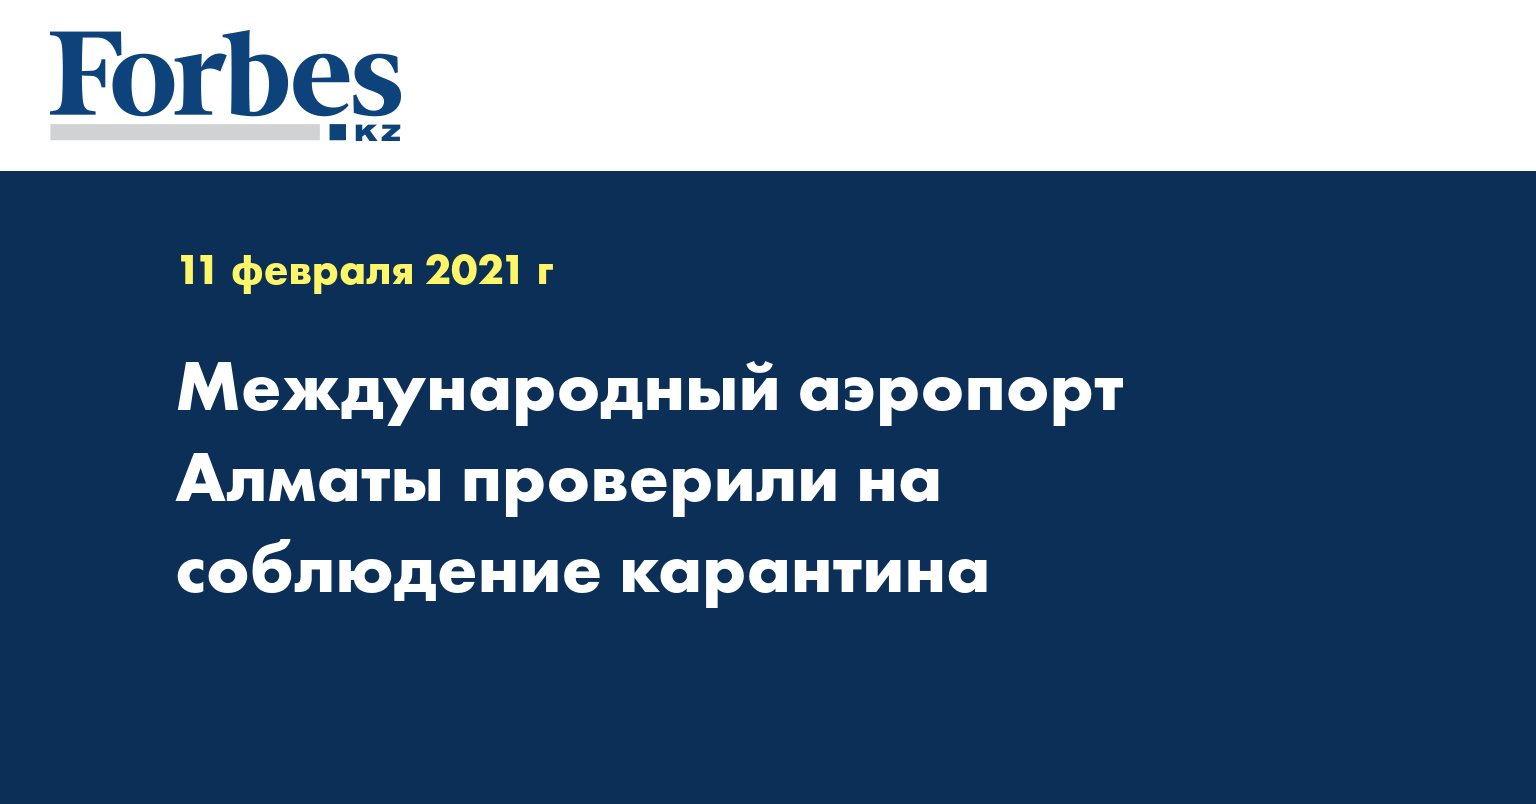 Международный аэропорт Алматы проверили на соблюдение карантина